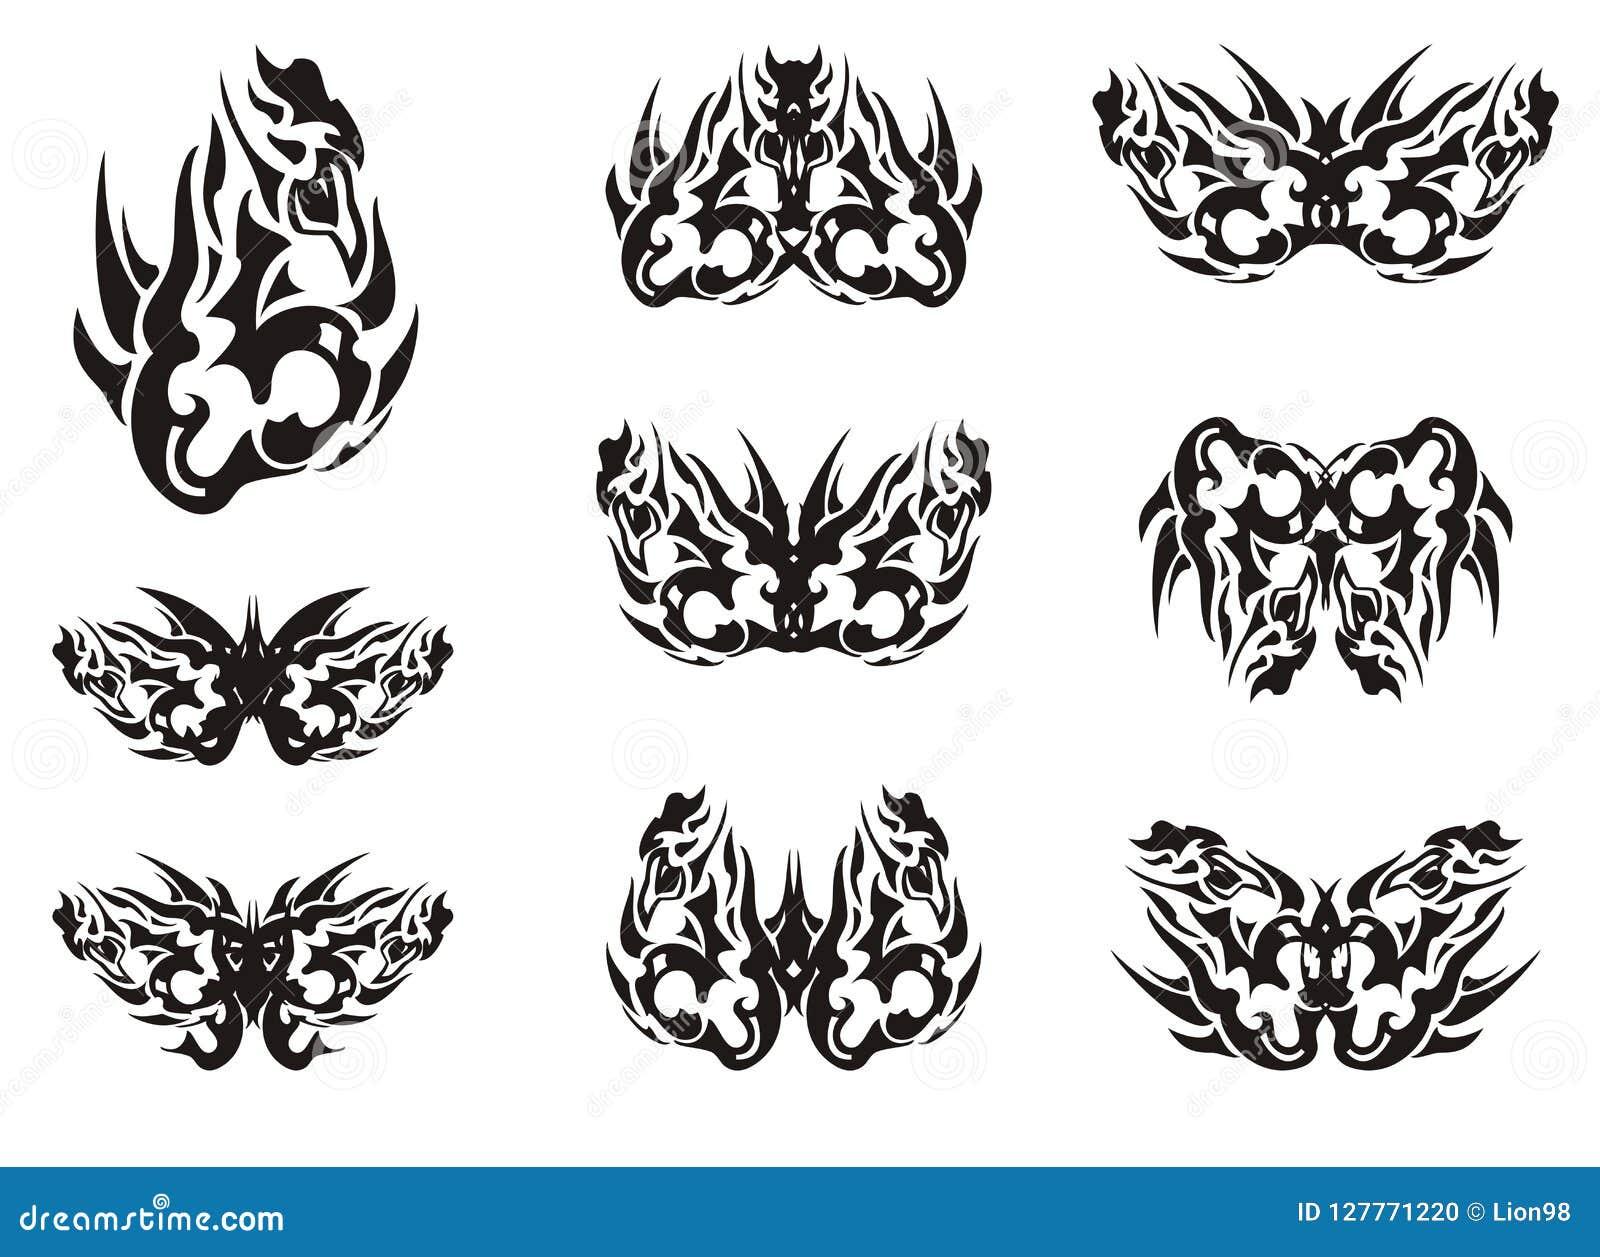 Le Papillon Tribal Noir Et Blanc S Envole Des Tatouages Illustration